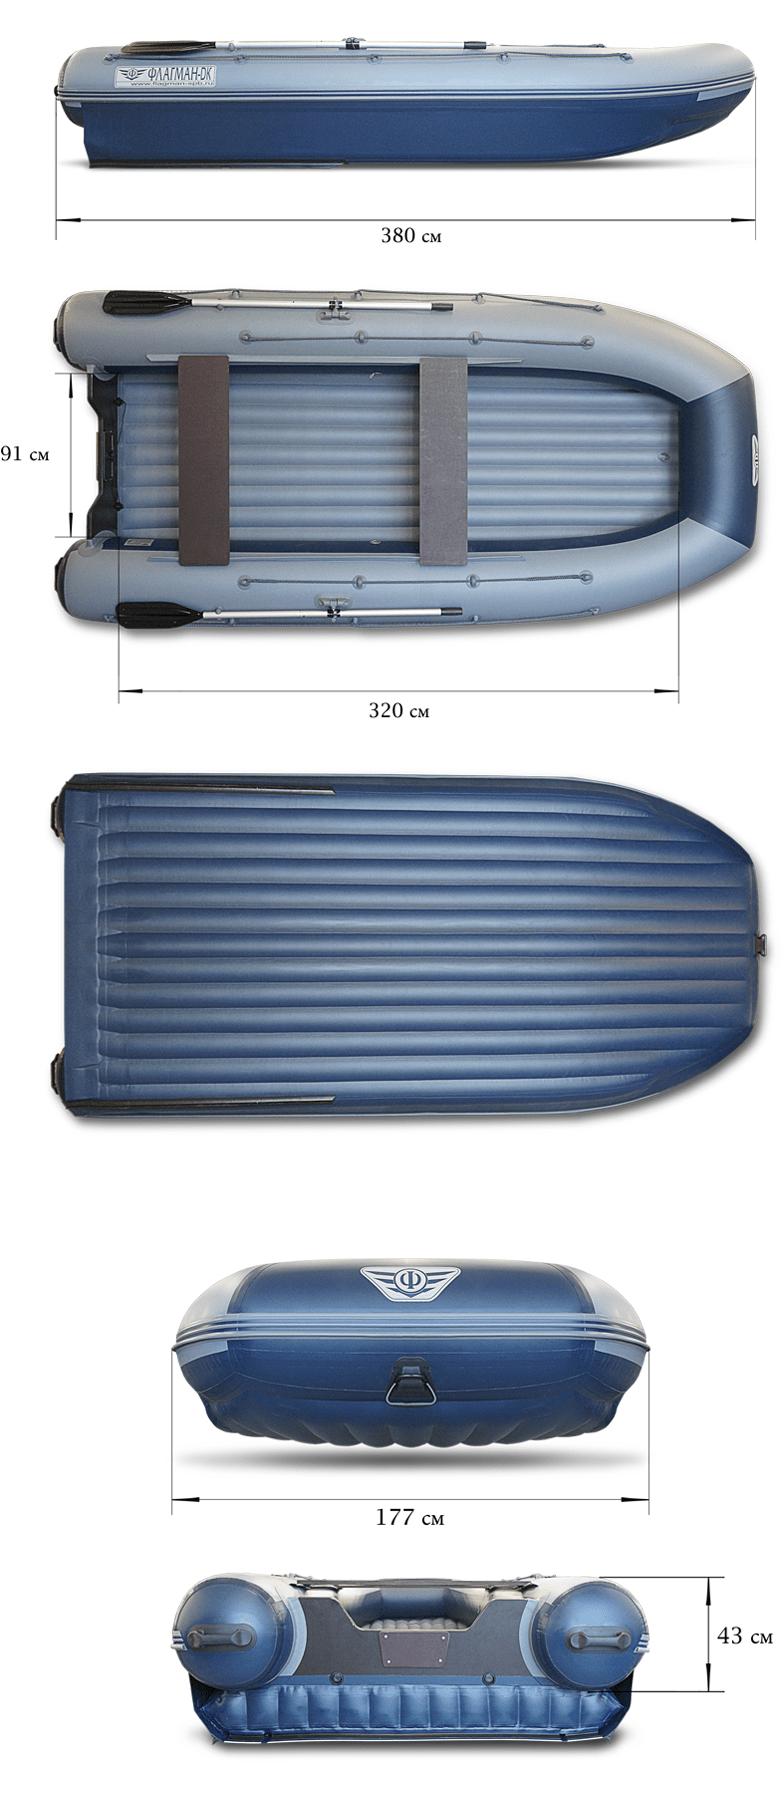 ФЛАГМАН DK 380 AIR